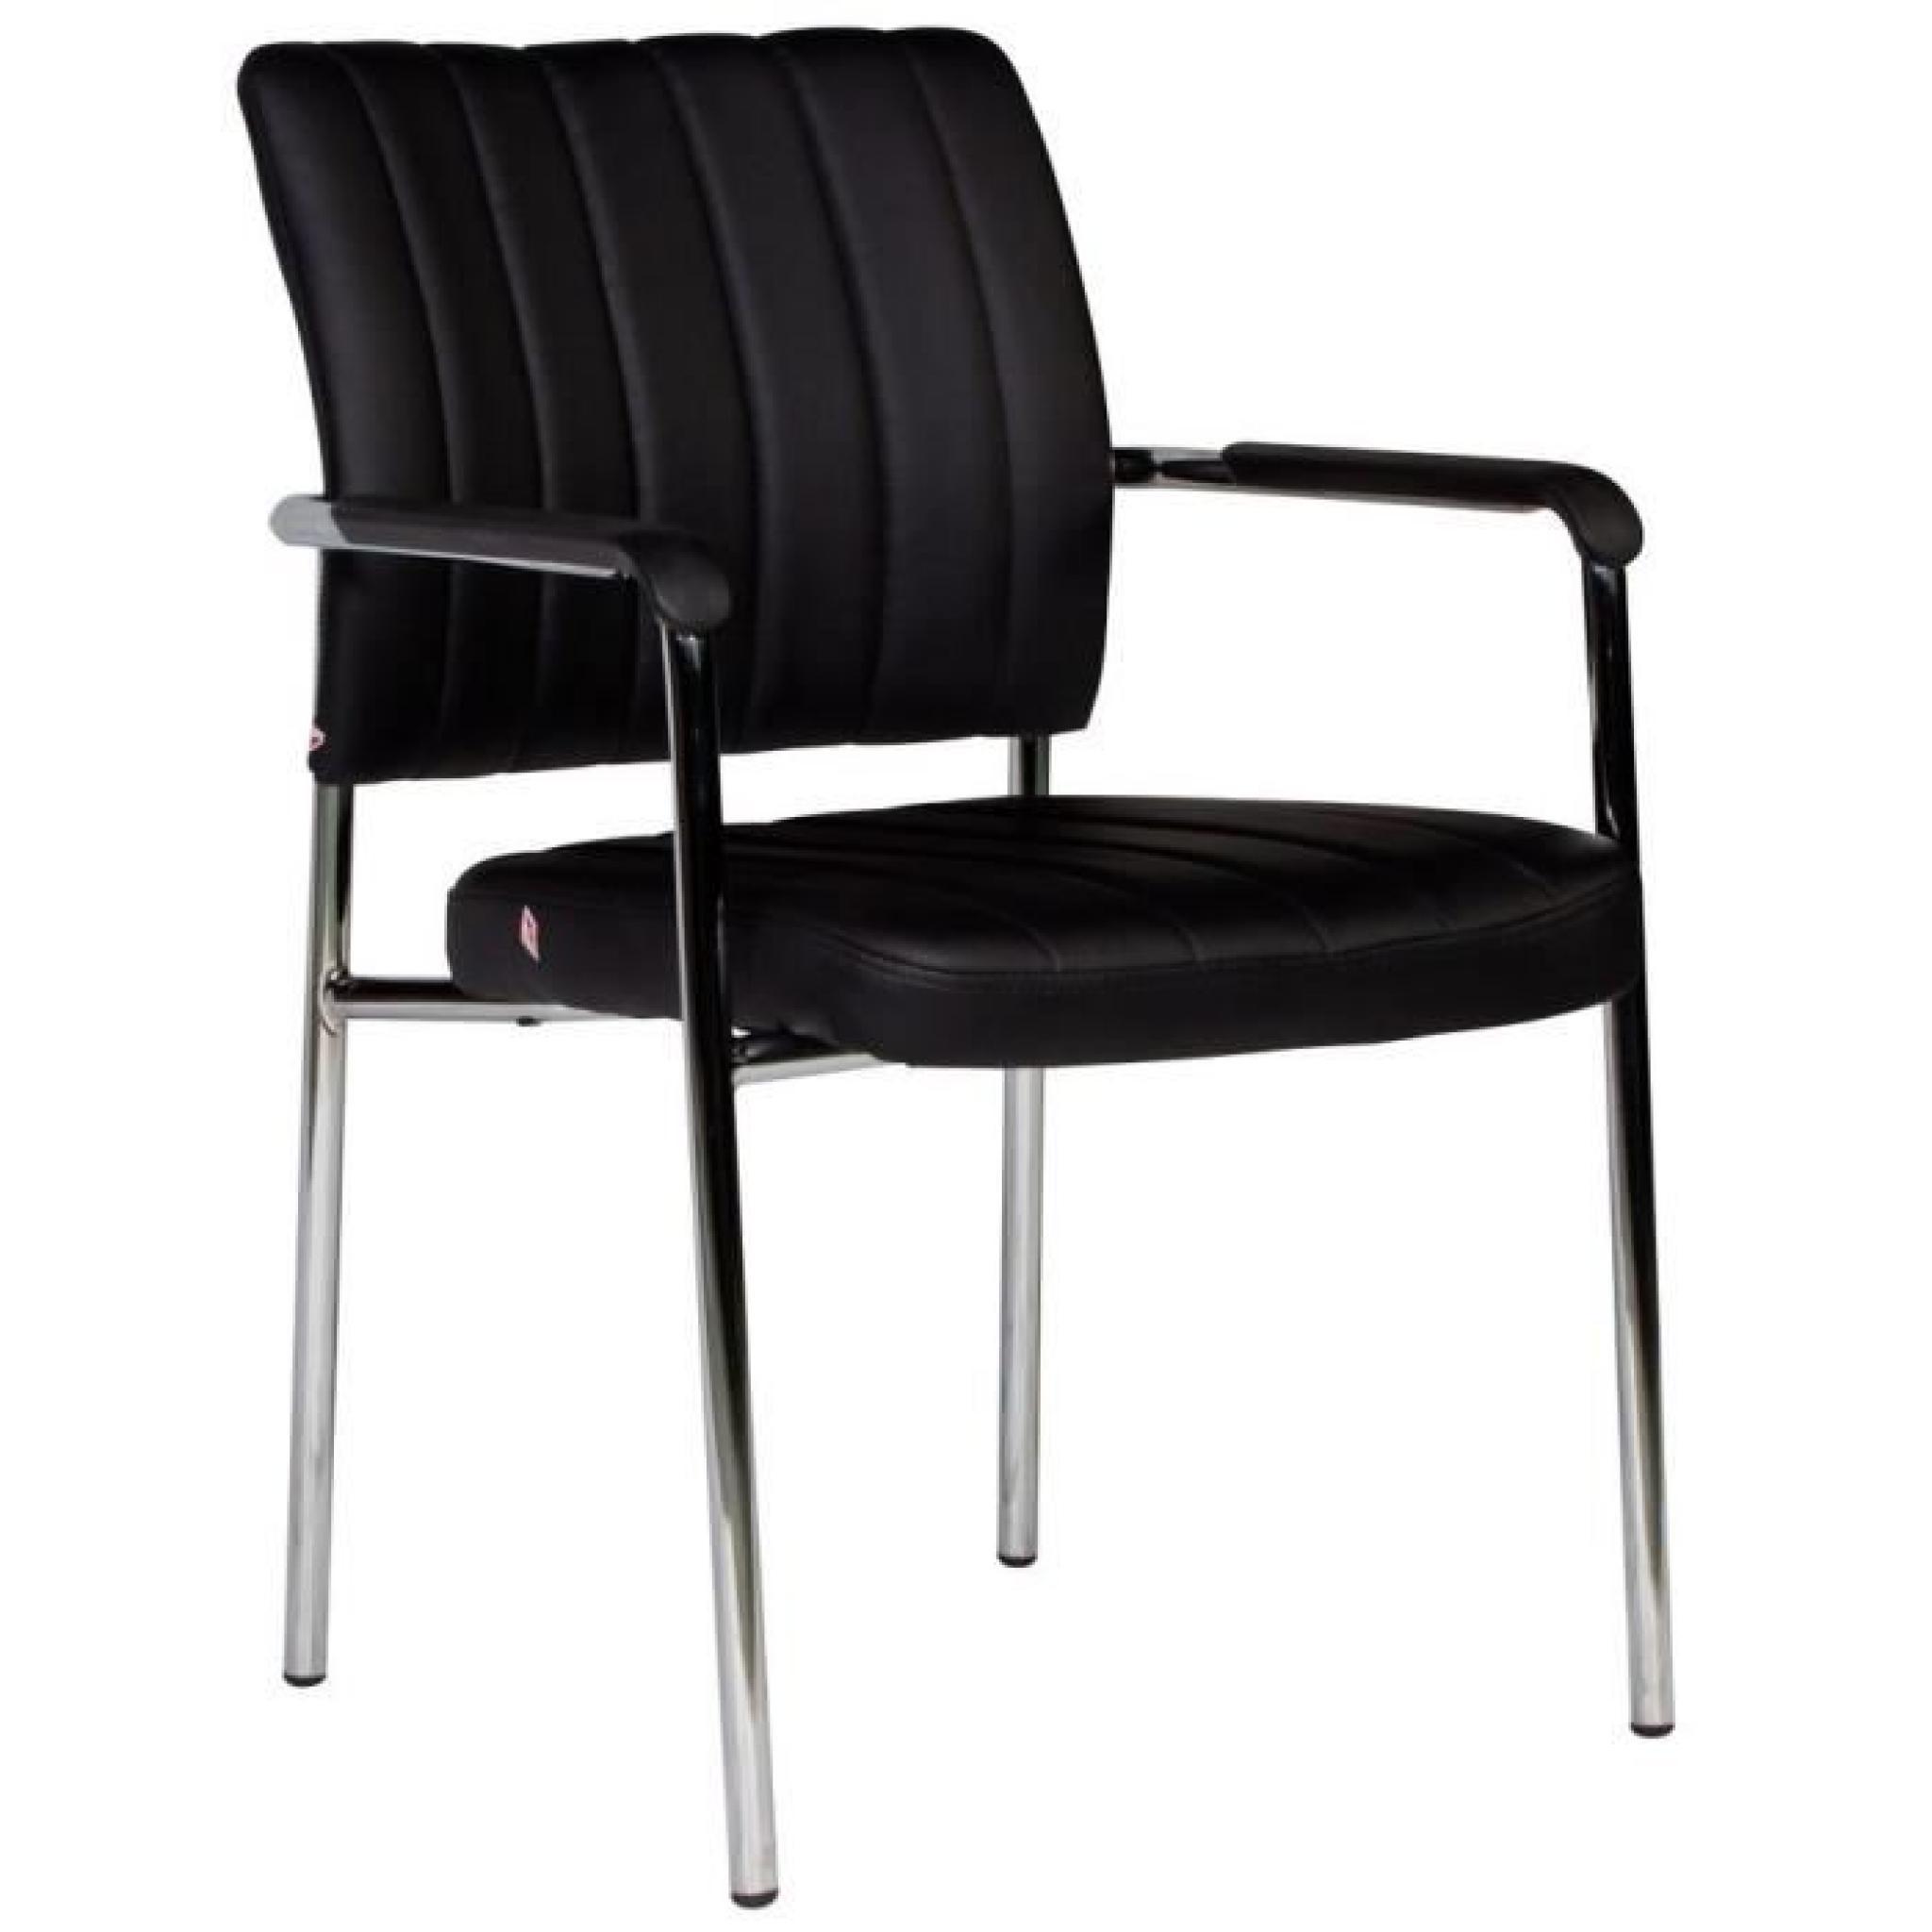 Chaise Noire Ultra Moderne Avec Accoudoirs Pas Cher